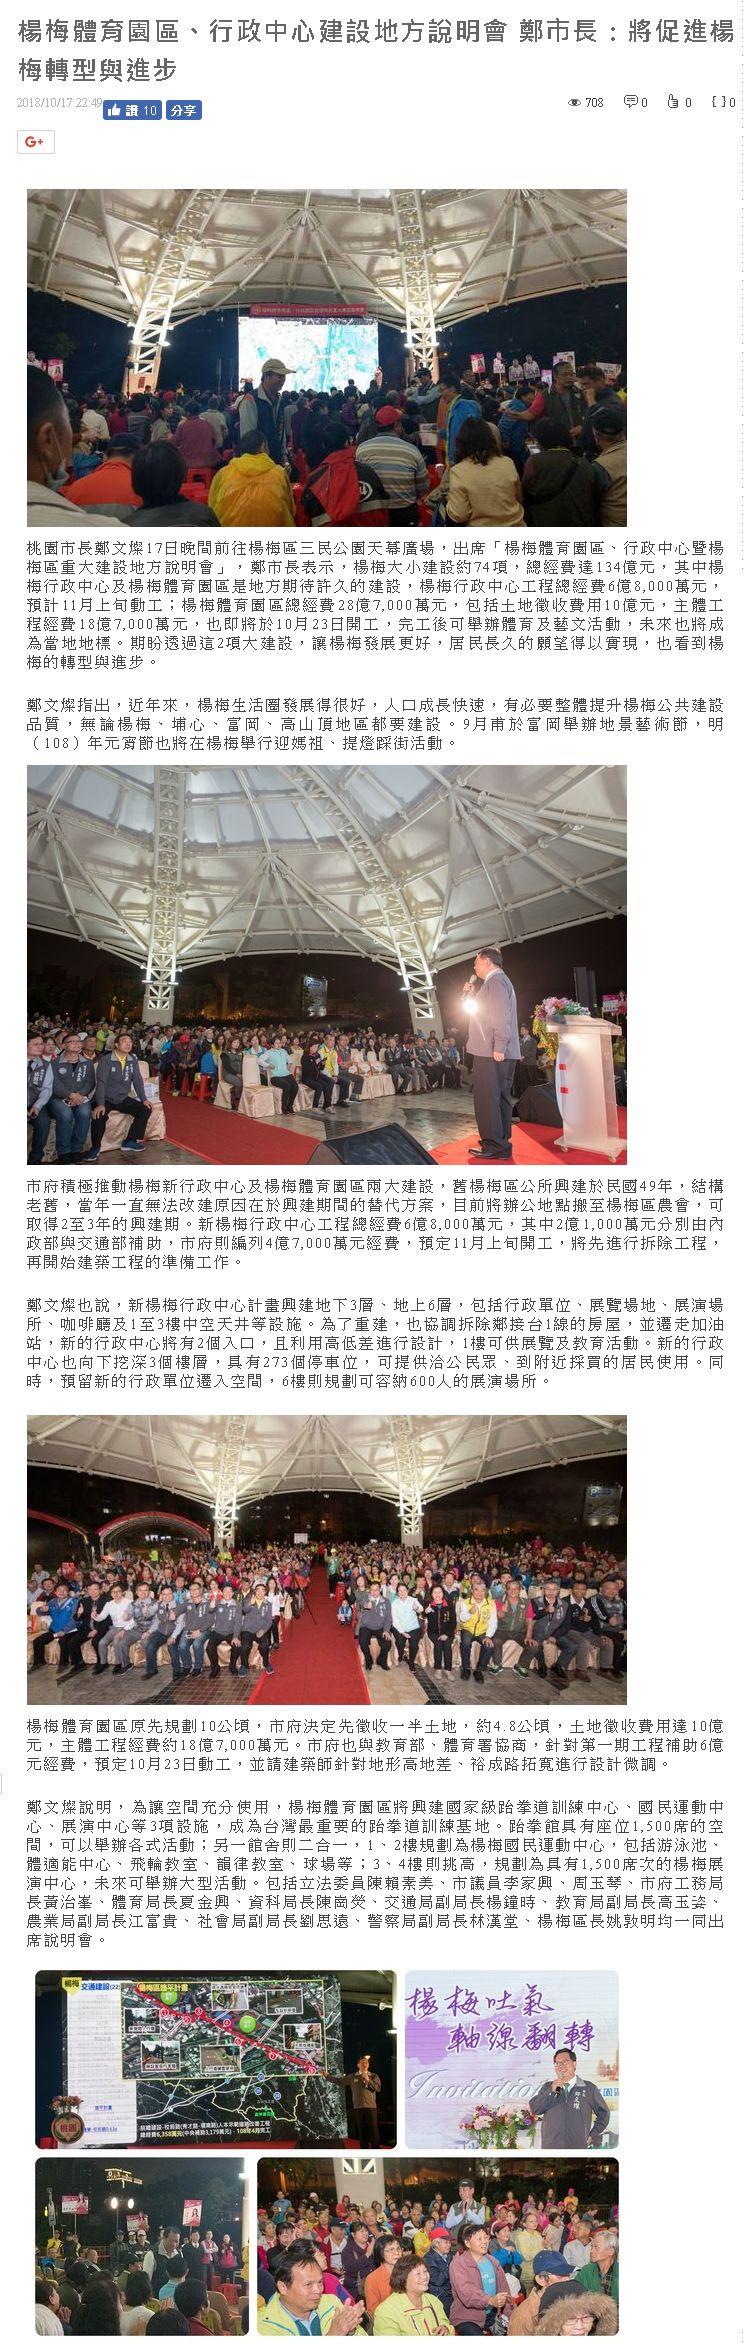 楊梅體育園區.行政中心建設地方說明會 鄭市長.將促進楊梅轉型與進步